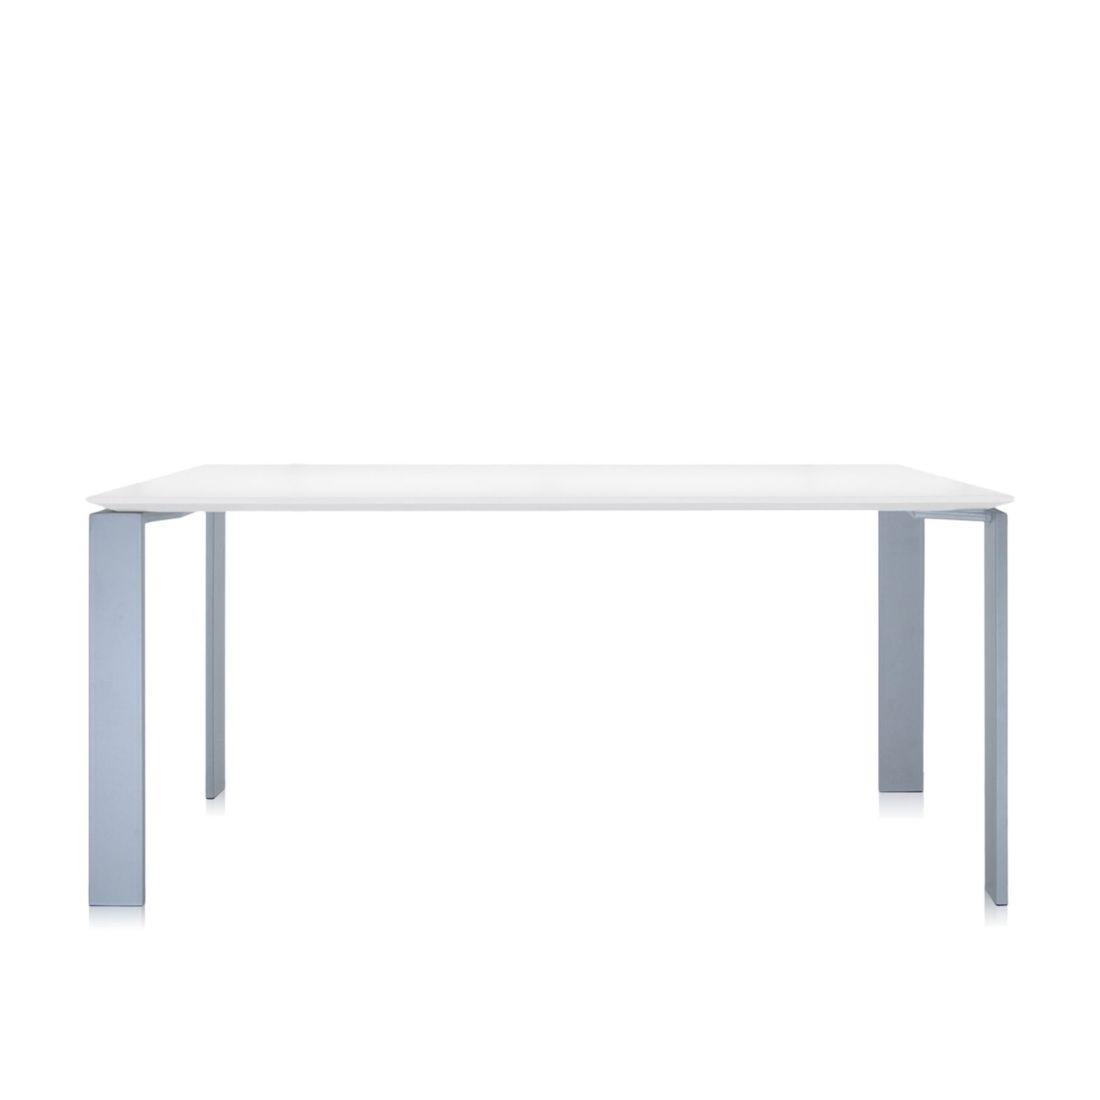 Four Tisch 190 Beine alu, Platte weiß